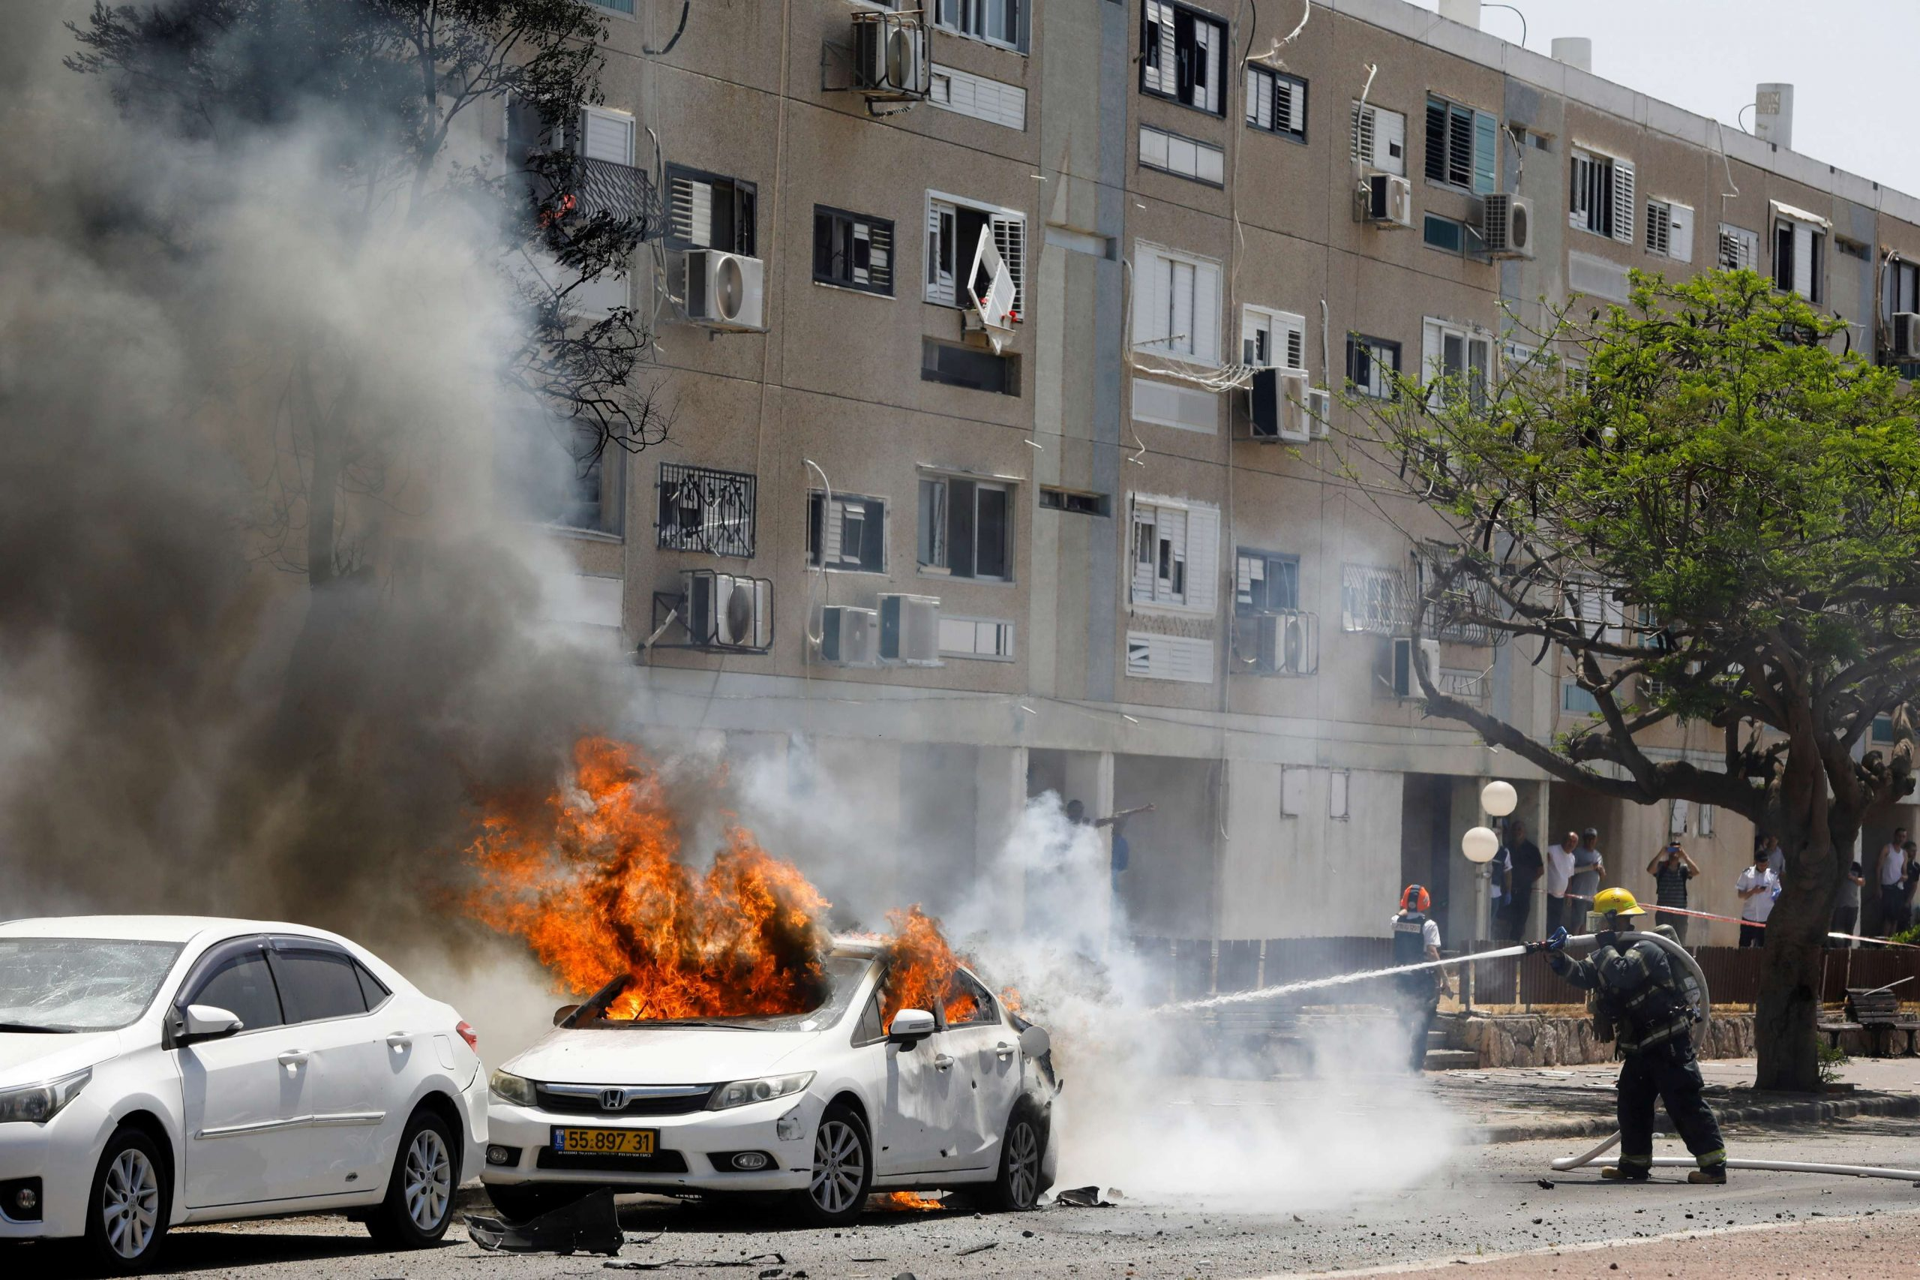 ماذا قال معلقون إسرائيليون عن جولة المواجهة مع حماس لذا لا تقتربوا من هذه الأماكن